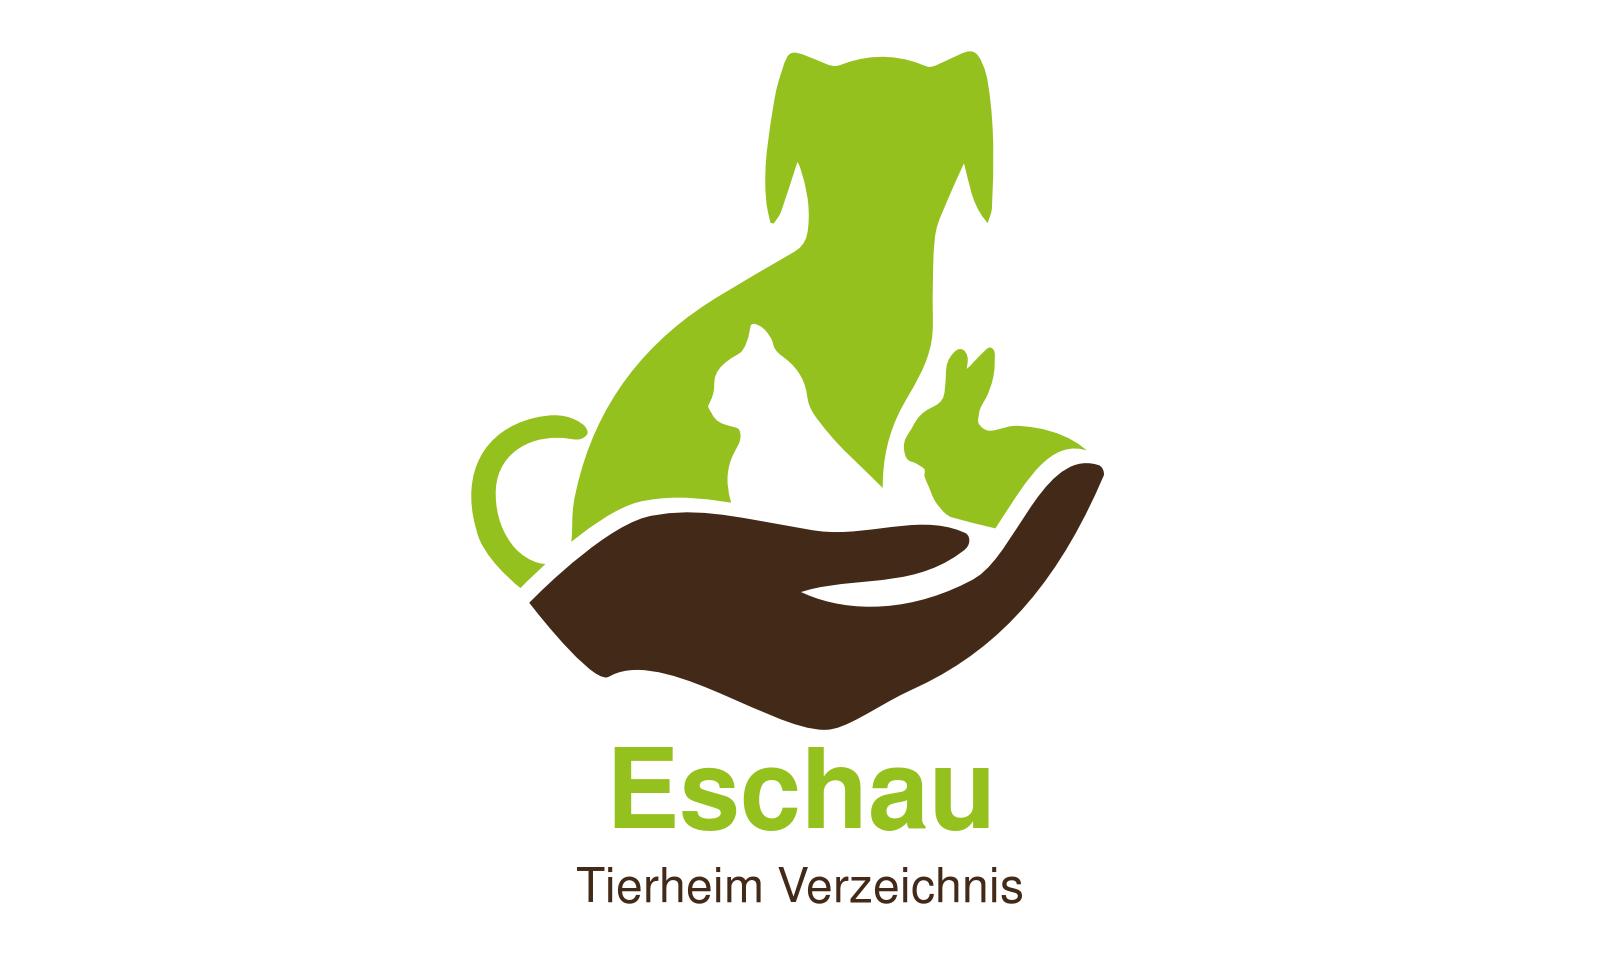 Tierheim Eschau